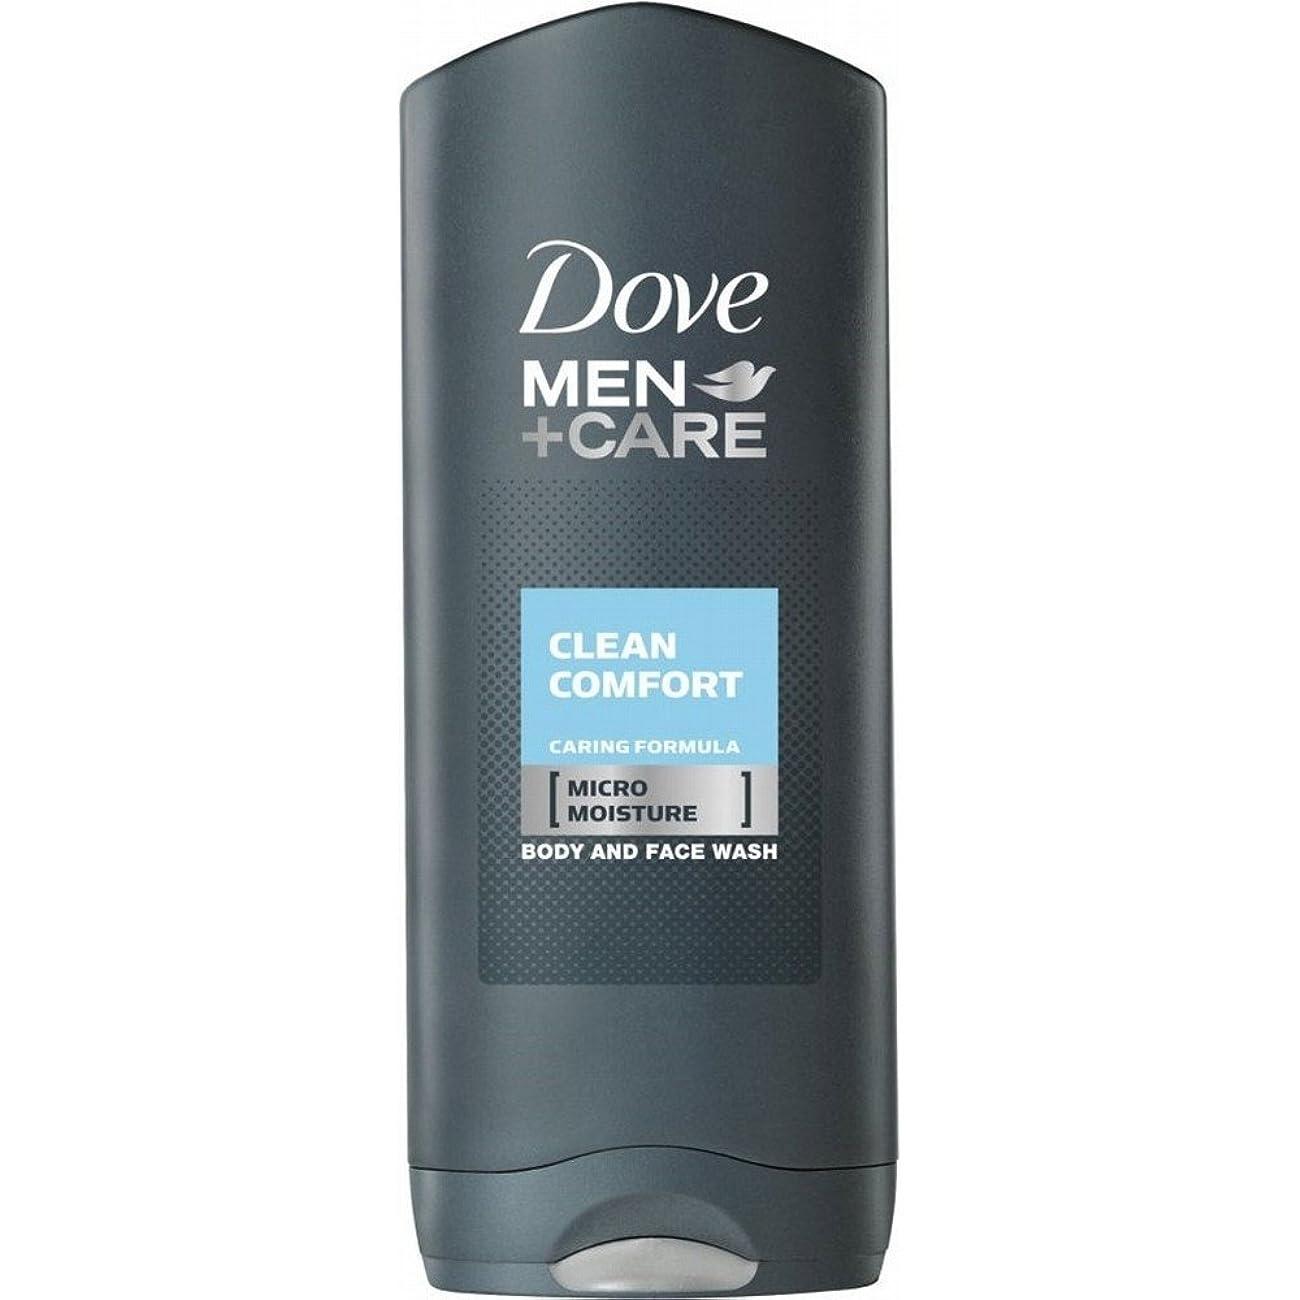 ペット制限アメリカDove Men + Care Body & Face Wash - Clean Comfort (400ml) 鳩の男性は体と顔の洗浄ケア+ - きれいな快適さ( 400ミリリットル)を [並行輸入品]